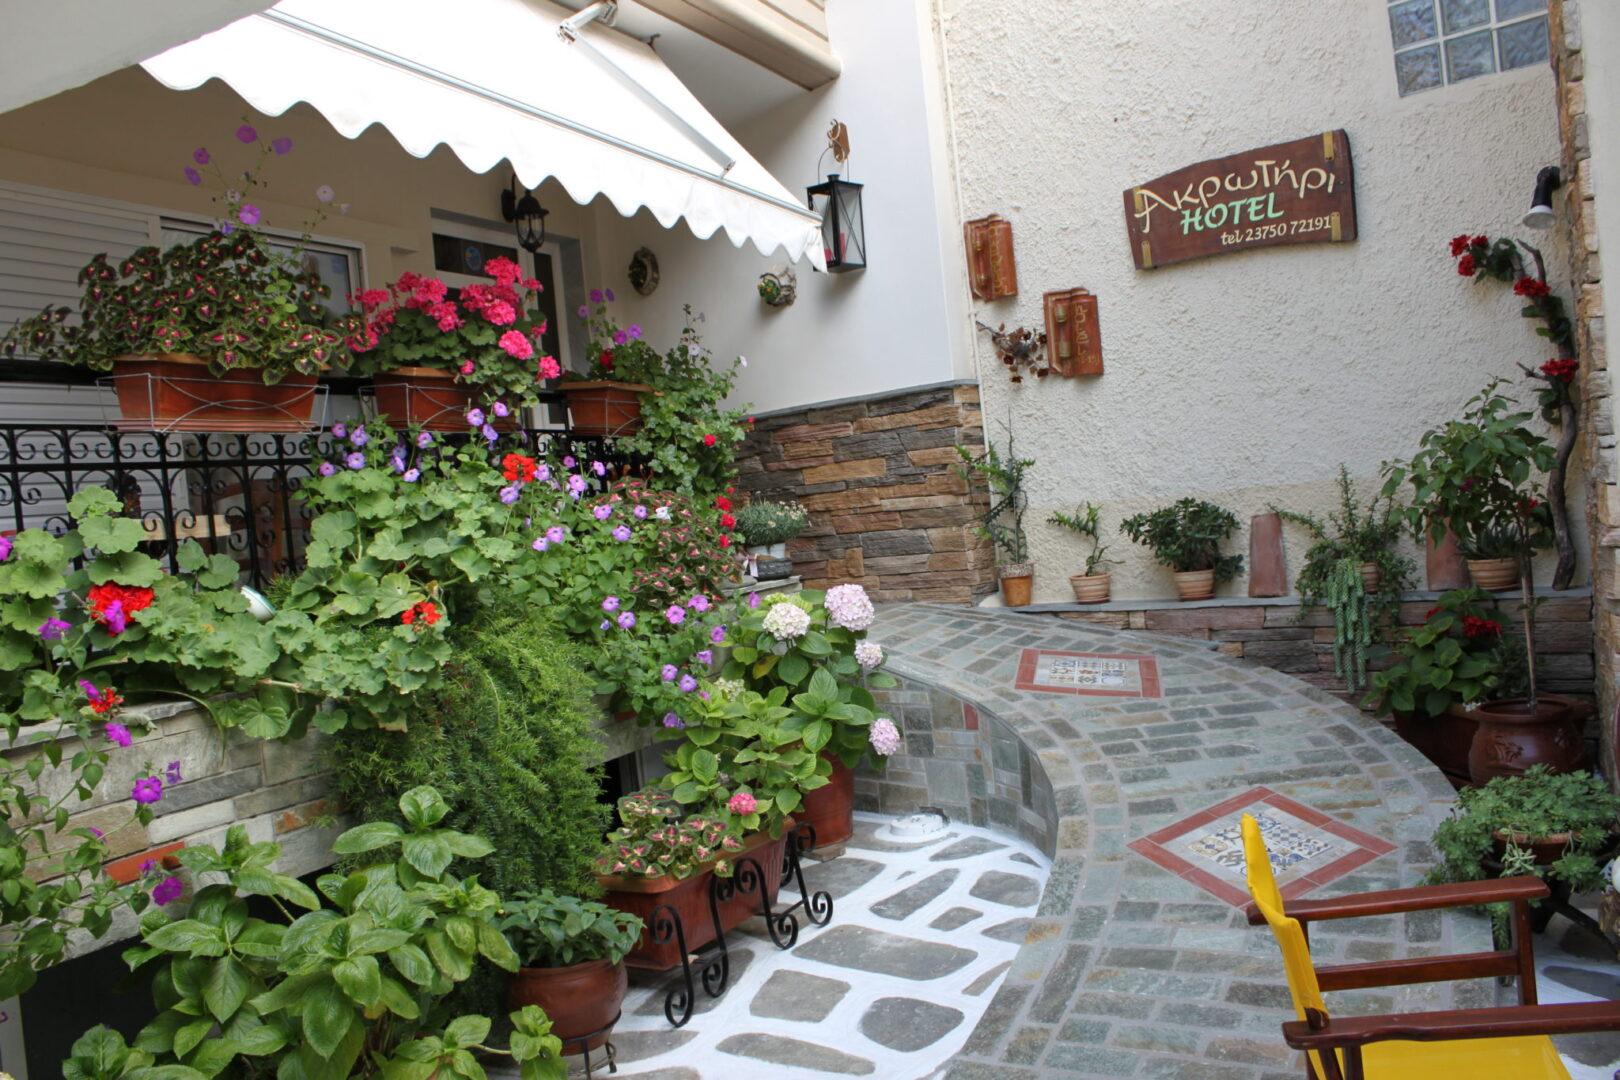 Καλωσήρθατε στο ξενοδοχείο Ακρωτήρι, Ν. Μαρμαρά